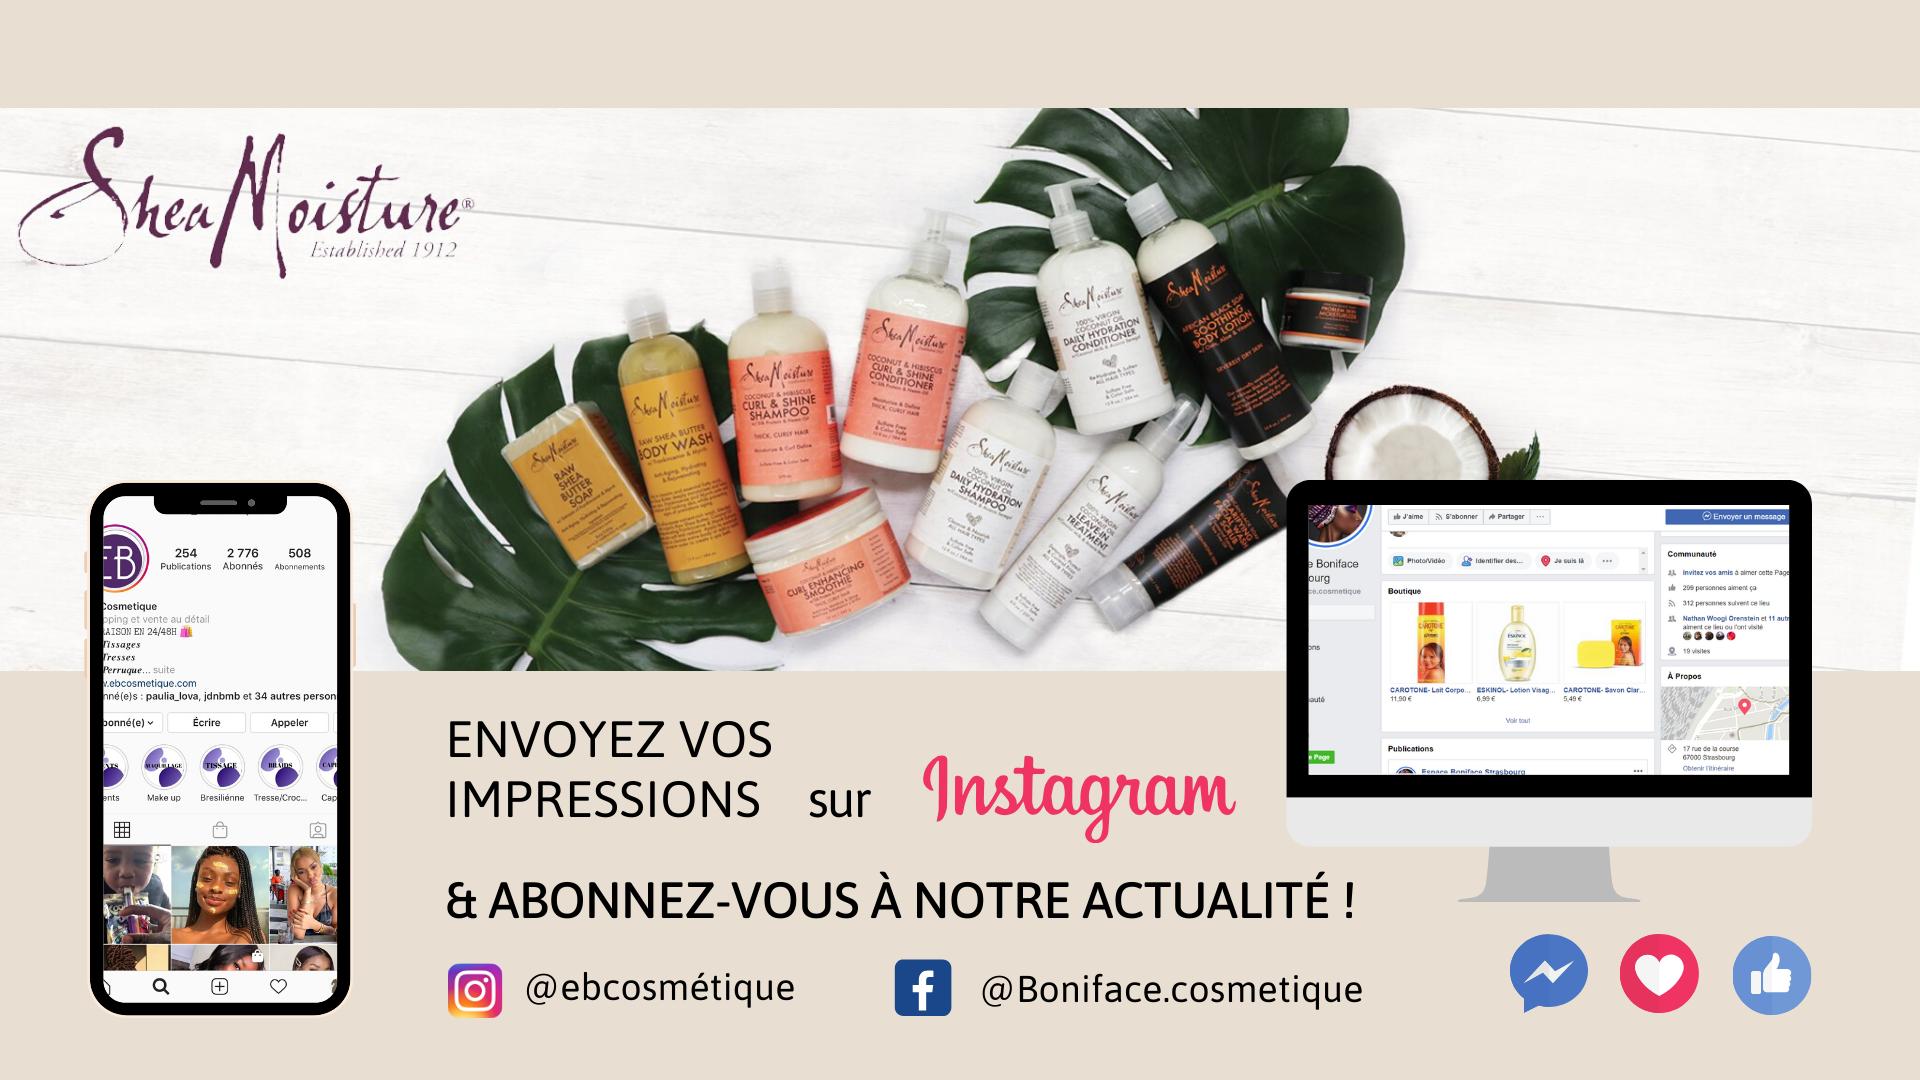 fiche produit ebcosmetique shea moisture 100% Virgin coconut oil daily hydratation moisturizer routine capillaire afro bouclé facebook instagram